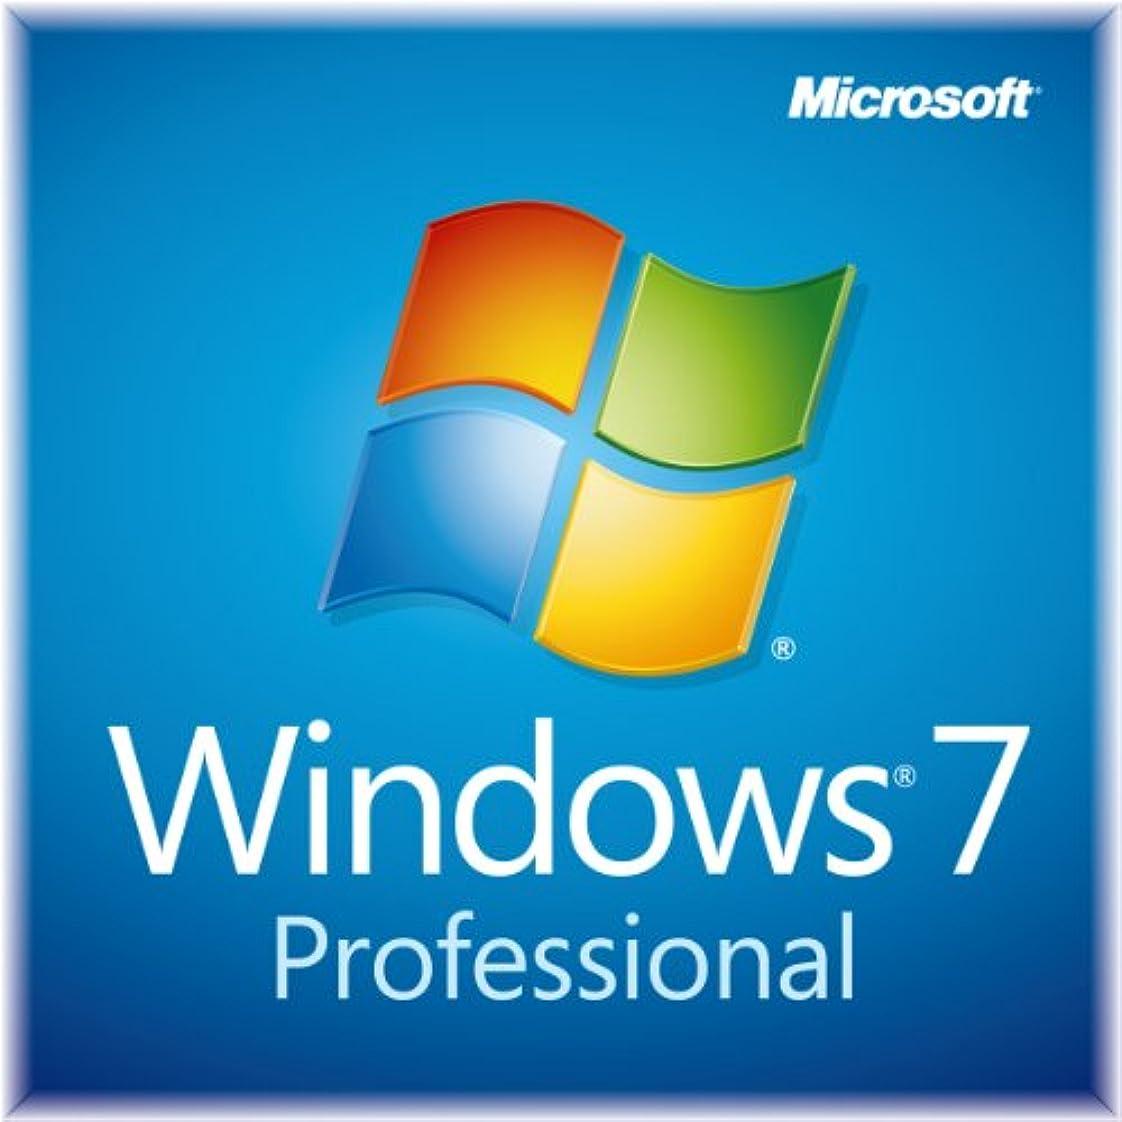 コーチ文明化魅力的であることへのアピールMicrosoft Windows7 Professional 32bit Service Pack 1 日本語 DSP版 DVD 【USB拡張ボードセット】